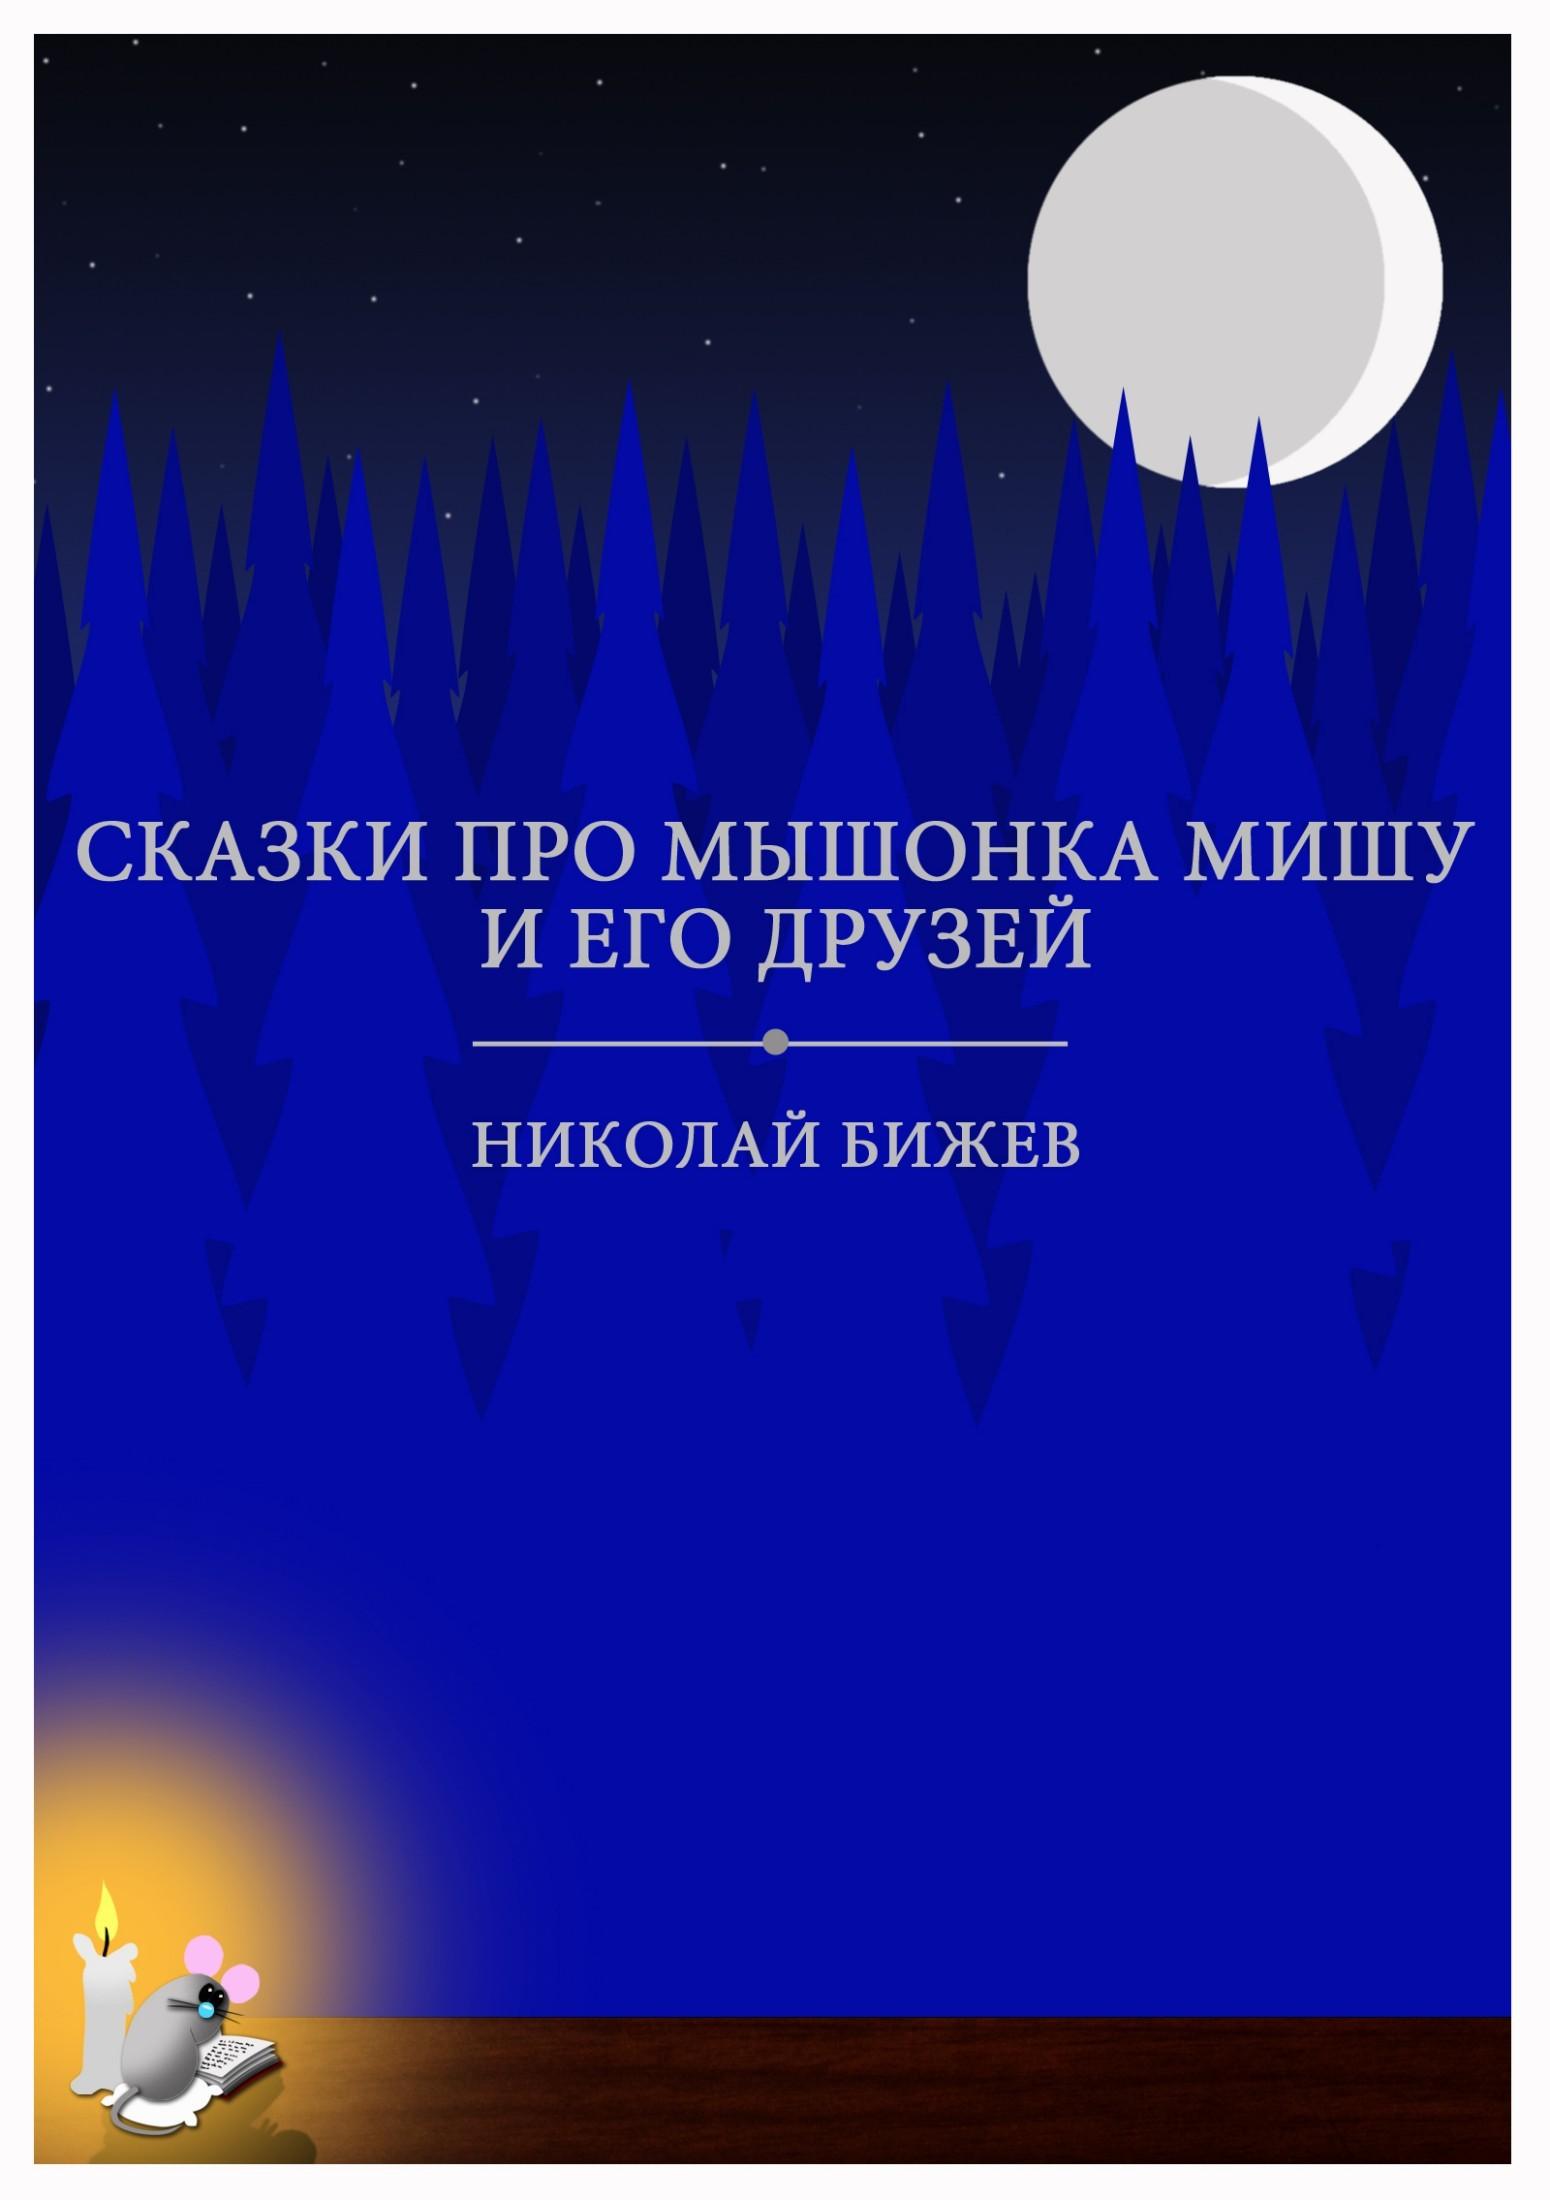 Николай Тодоров Бижев Сказки про мышонка Мишу и его друзей фату хива возврат к природе